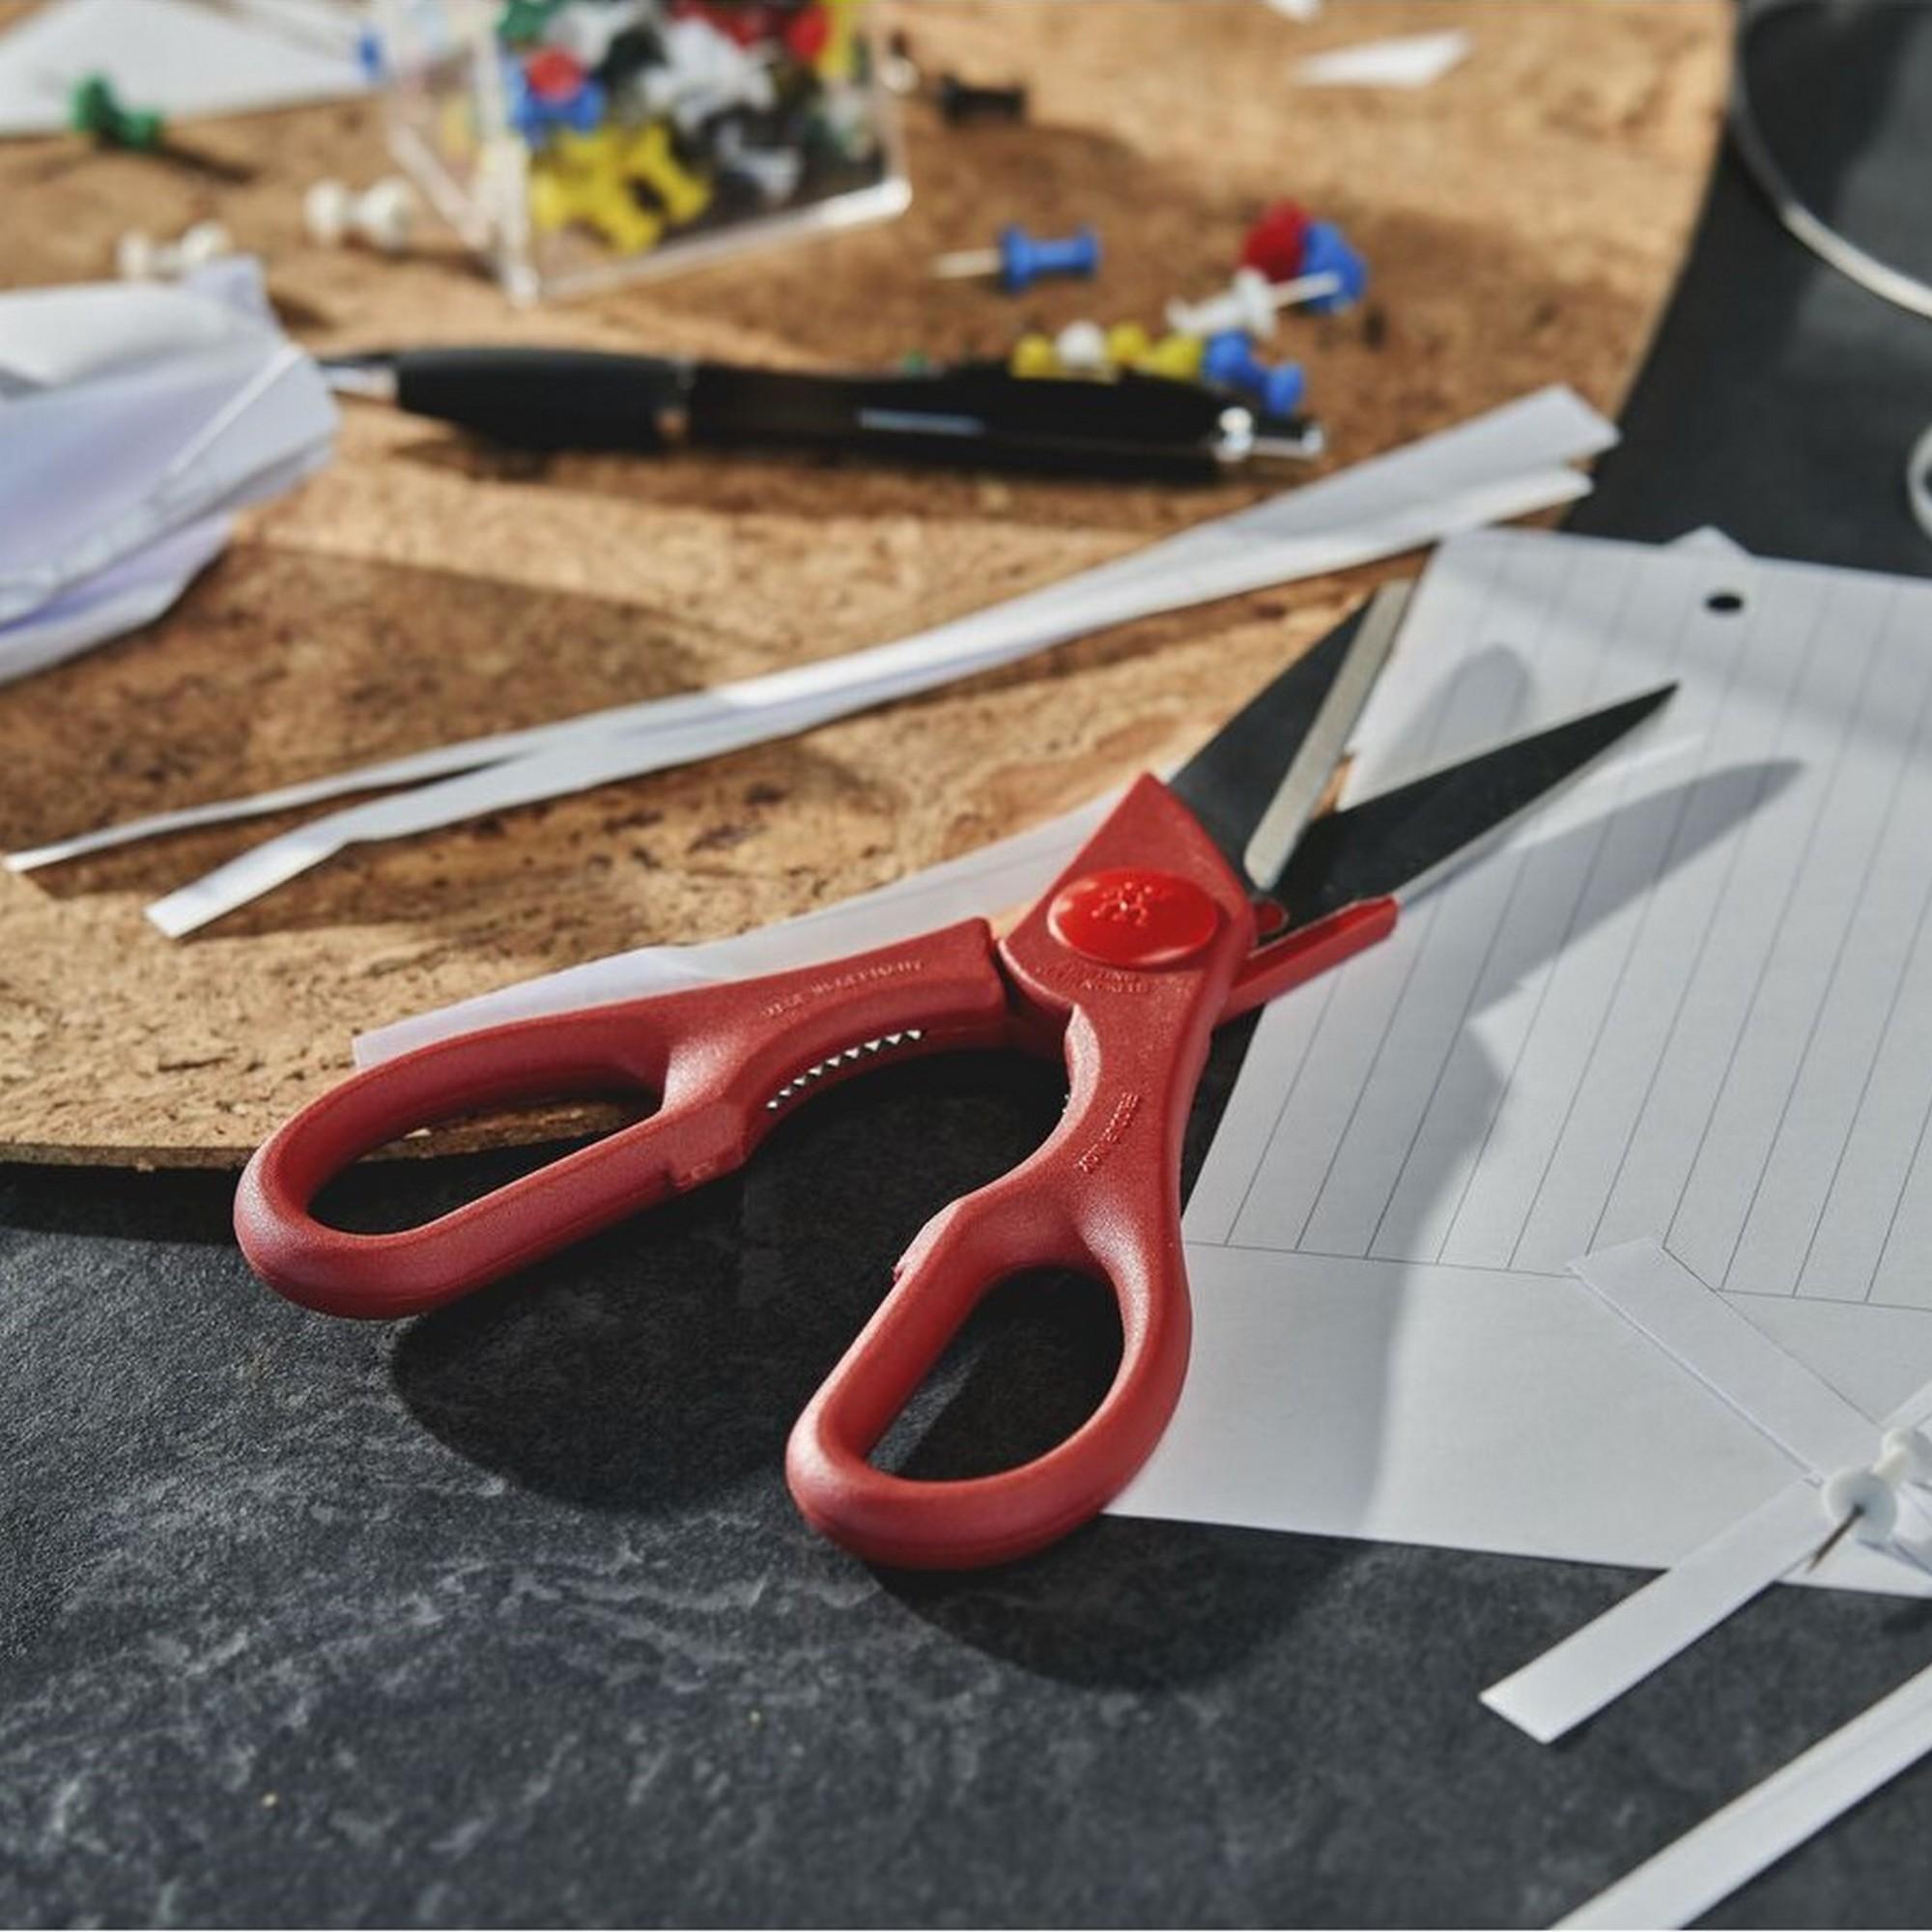 Tesoura de Cozinha Vermelha Zwilling Twin Shears 200mm de Aço Inox